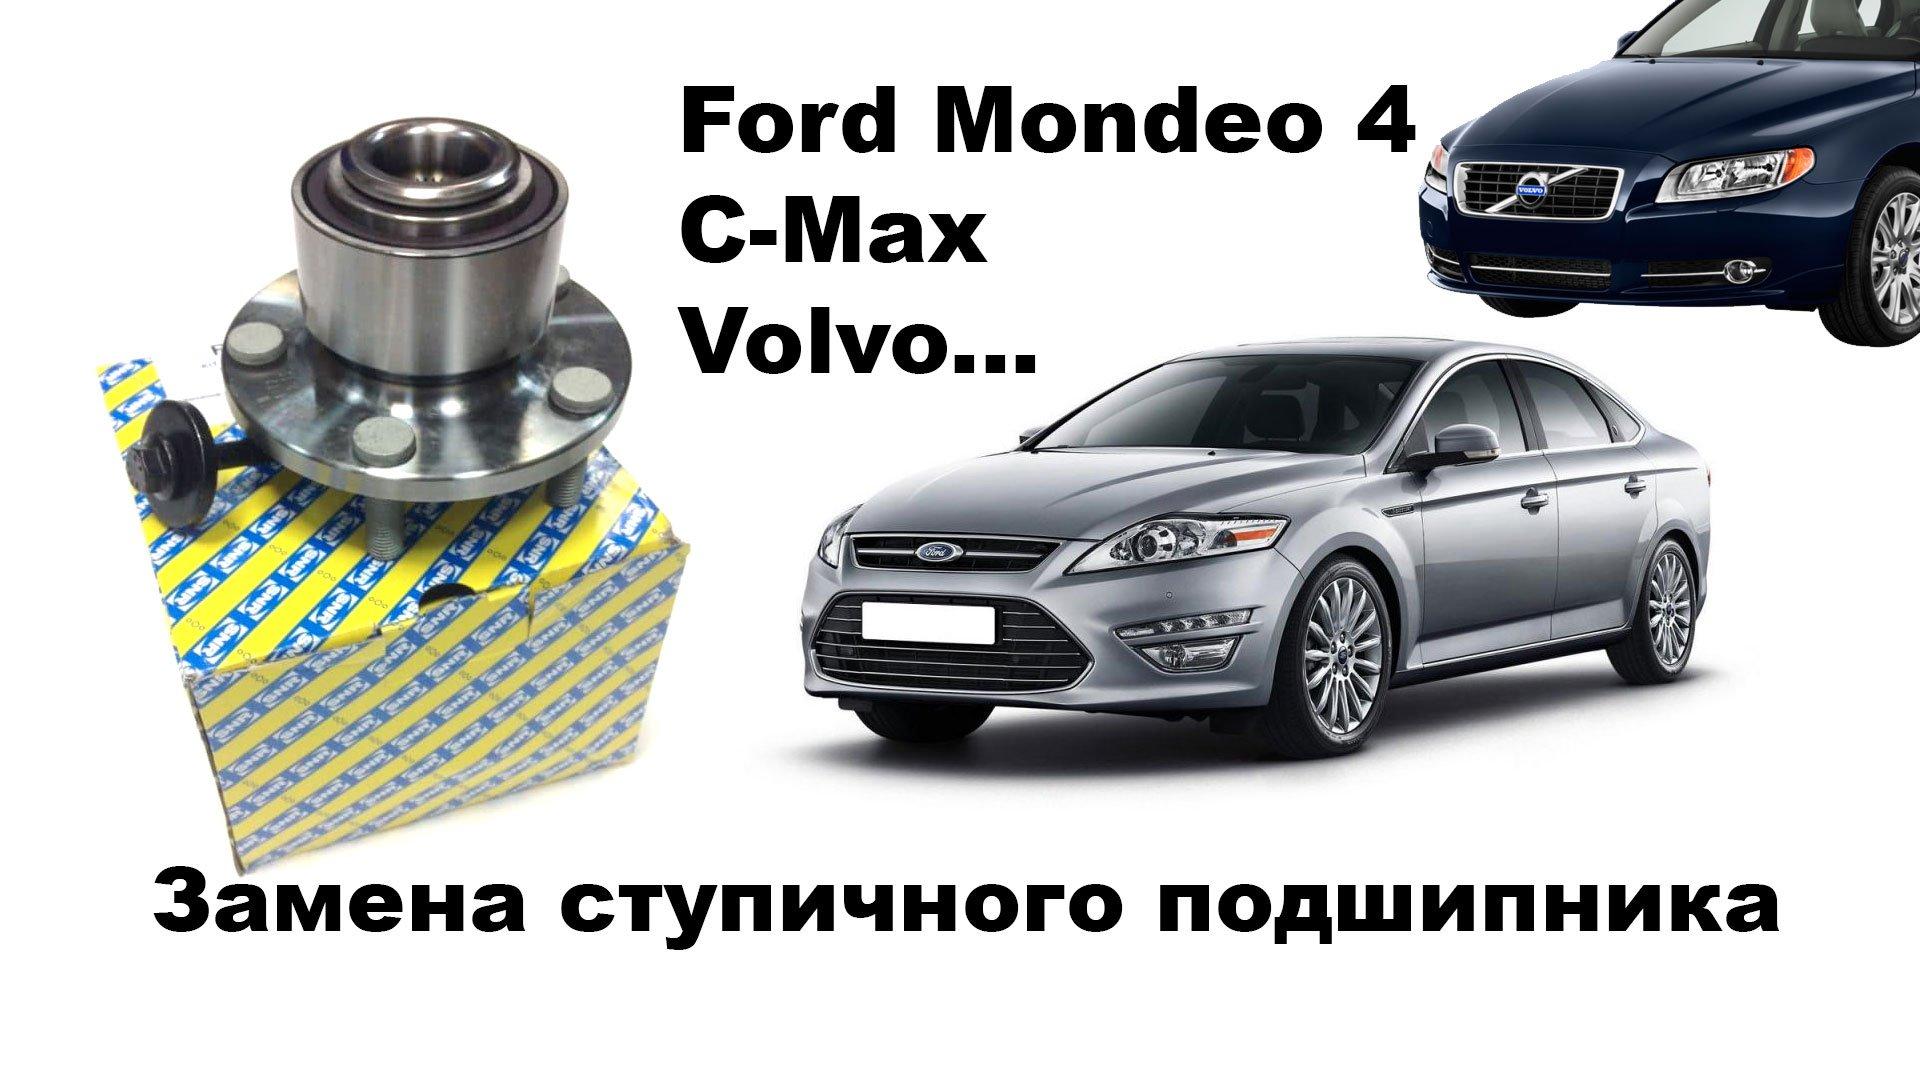 Как заменить ступичный подшипник на Ford Mondeo 4